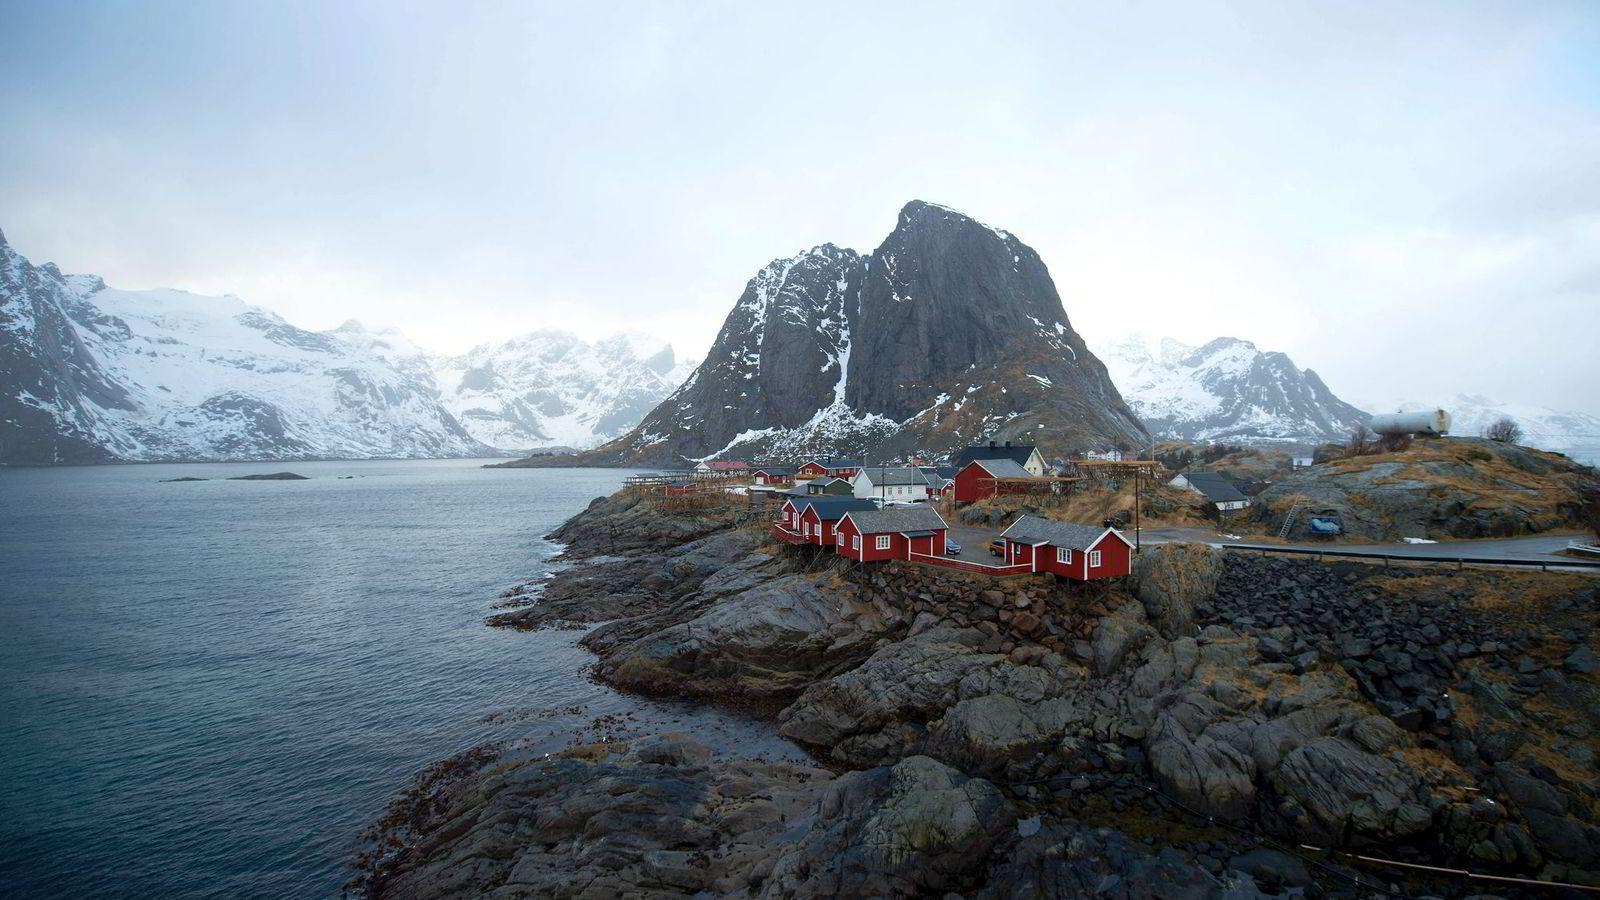 Gass fra Lofoten og Barentshavet vil måtte konkurrere med en CO2-klamp om foten. Foto: Olivier Morin/AFP/NTB Scanpix